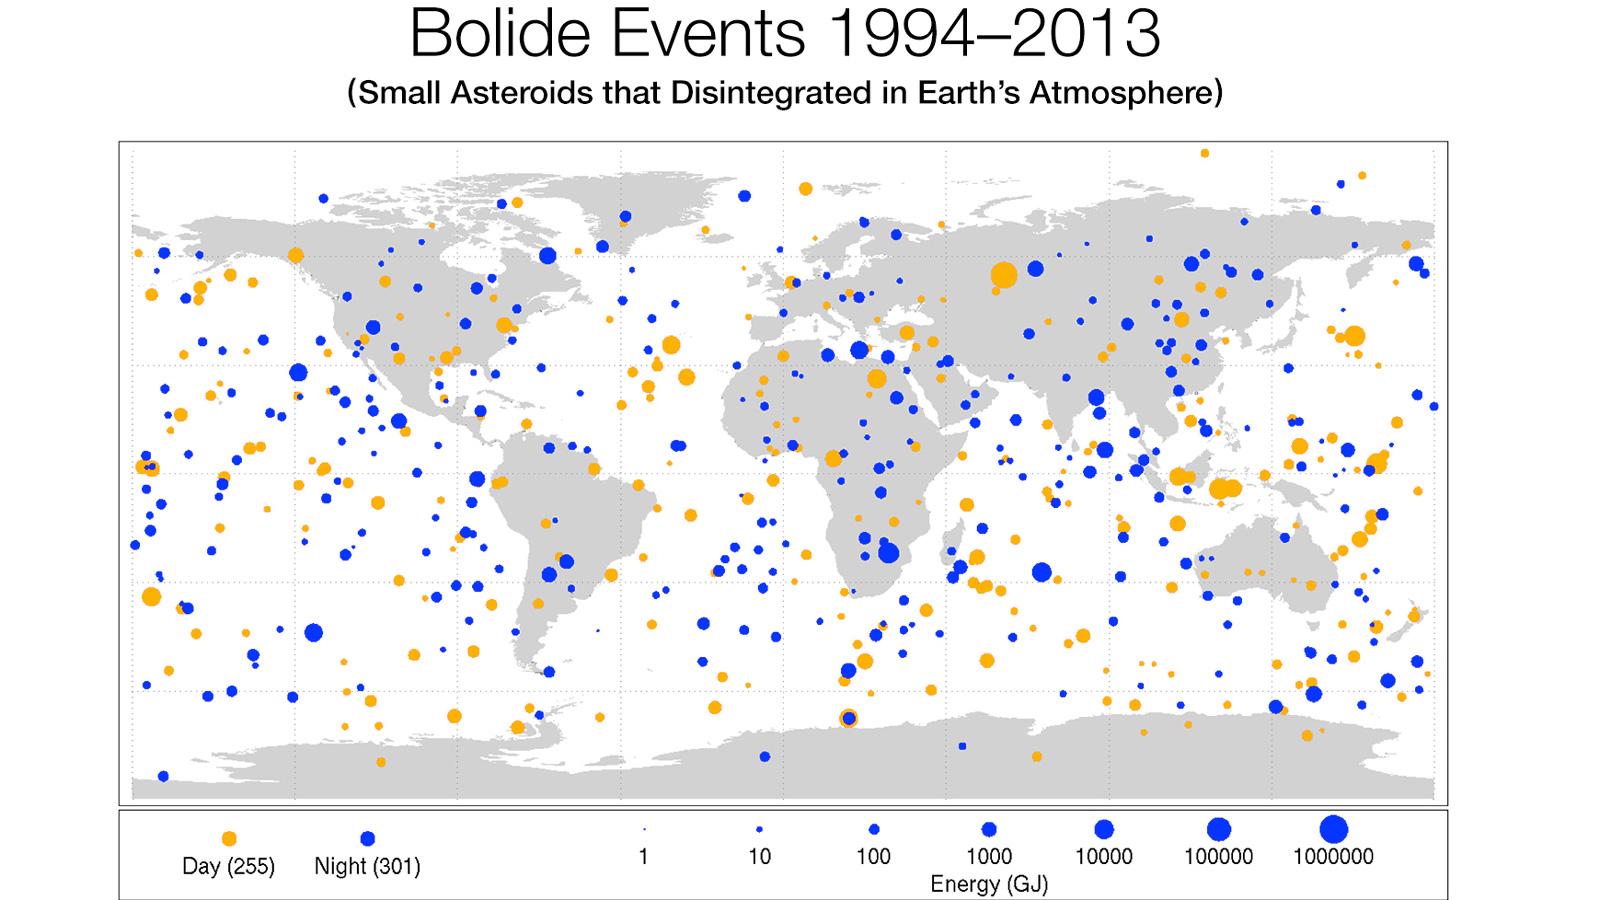 Cette carte des petits astéroïdes qui se sont désintégré dans le ciel entre 1994 et 2013 montre leur répartition très uniforme (JPL, NASA).